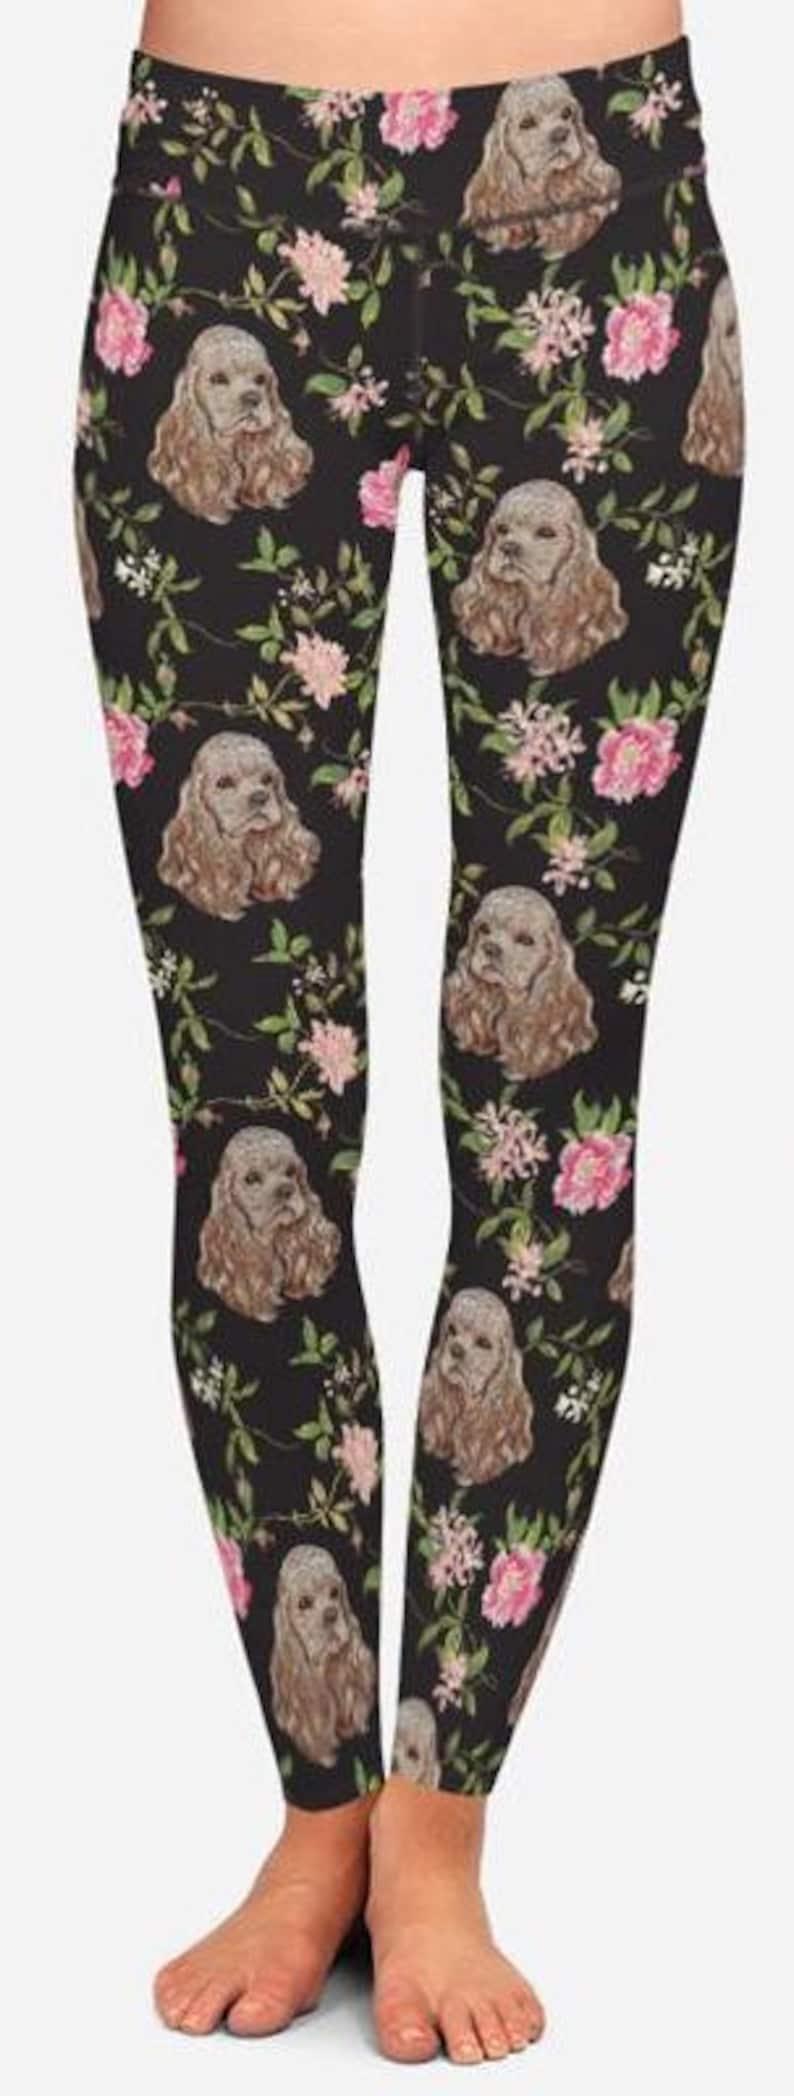 Maternity and Plus Size Leggings Cocker Spaniels /& Flowers Leggings For Girls Yoga Pants Women/'s Capris